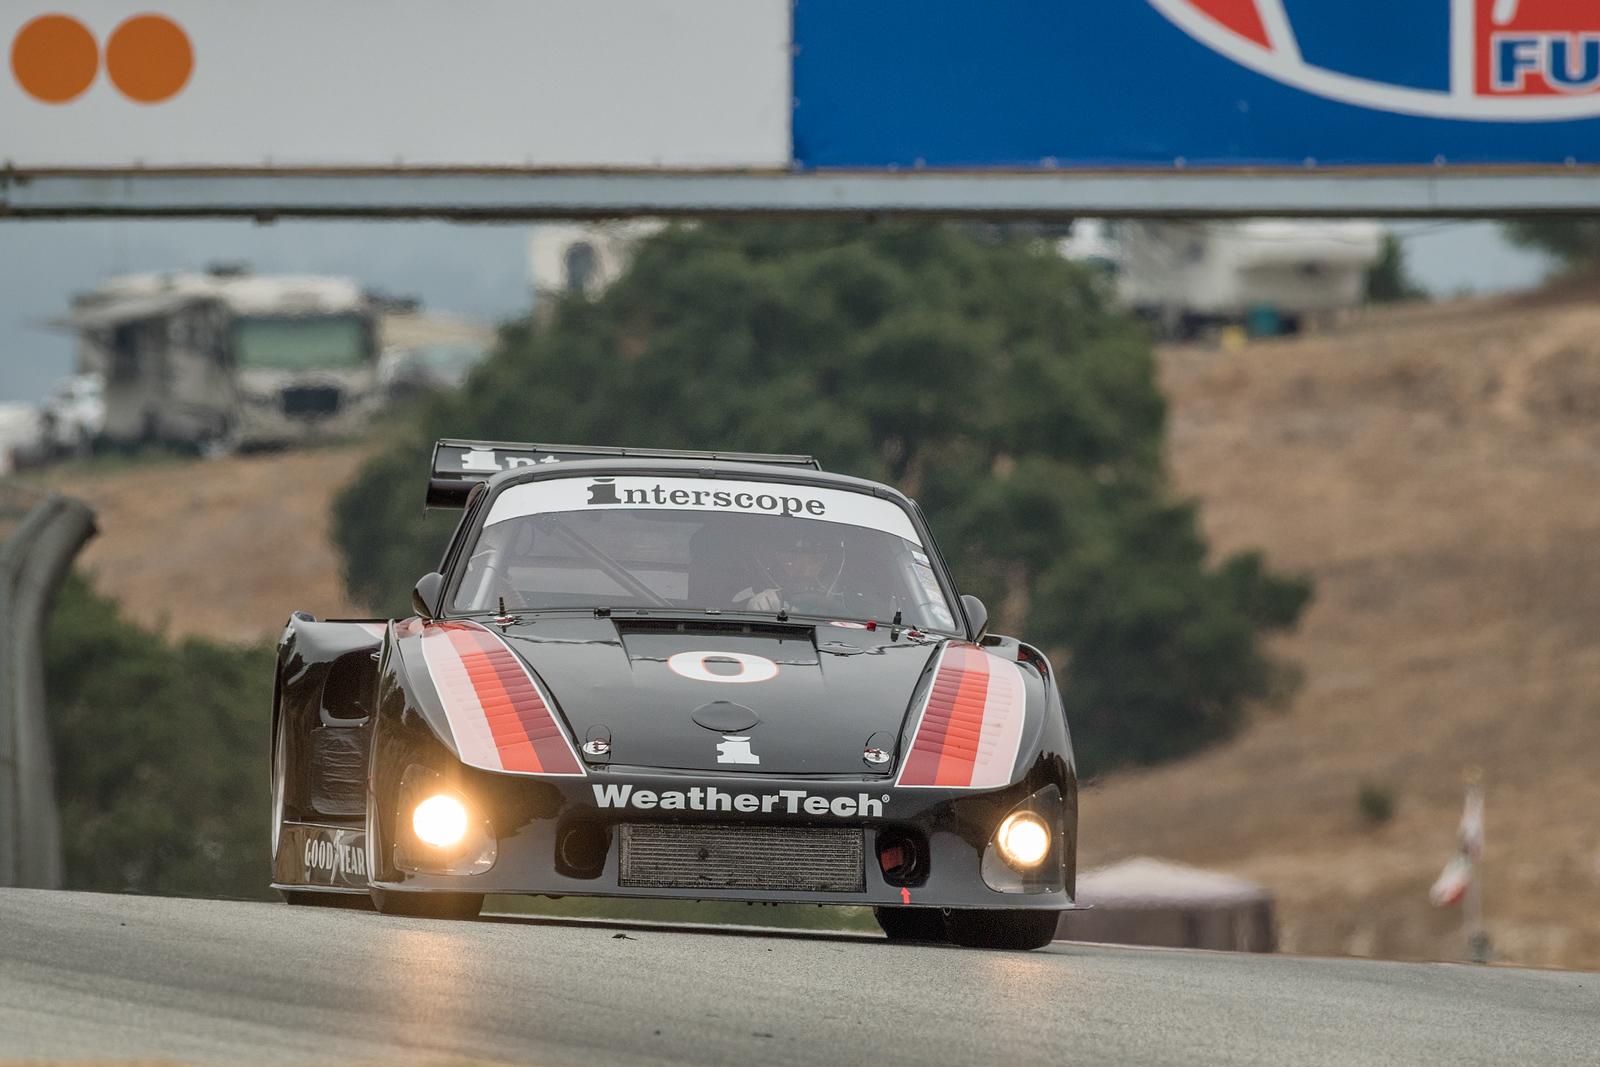 Cooper McNeil driving the 1980 Porsche 935